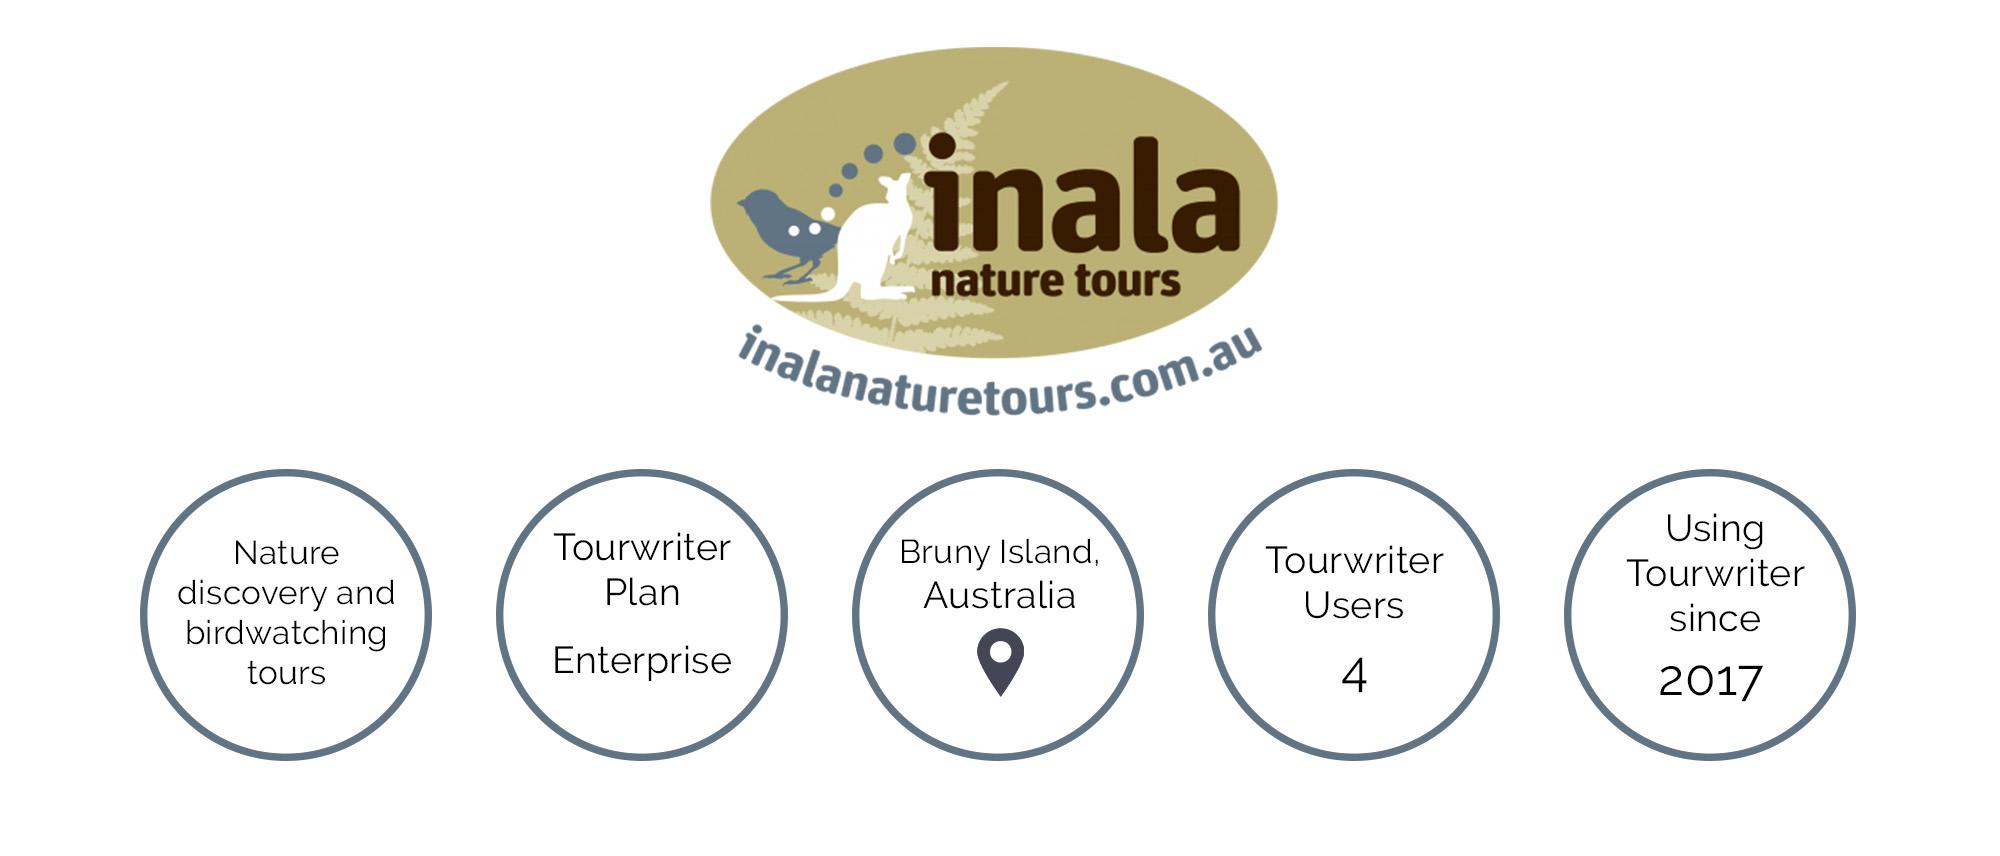 meet inala nature tours